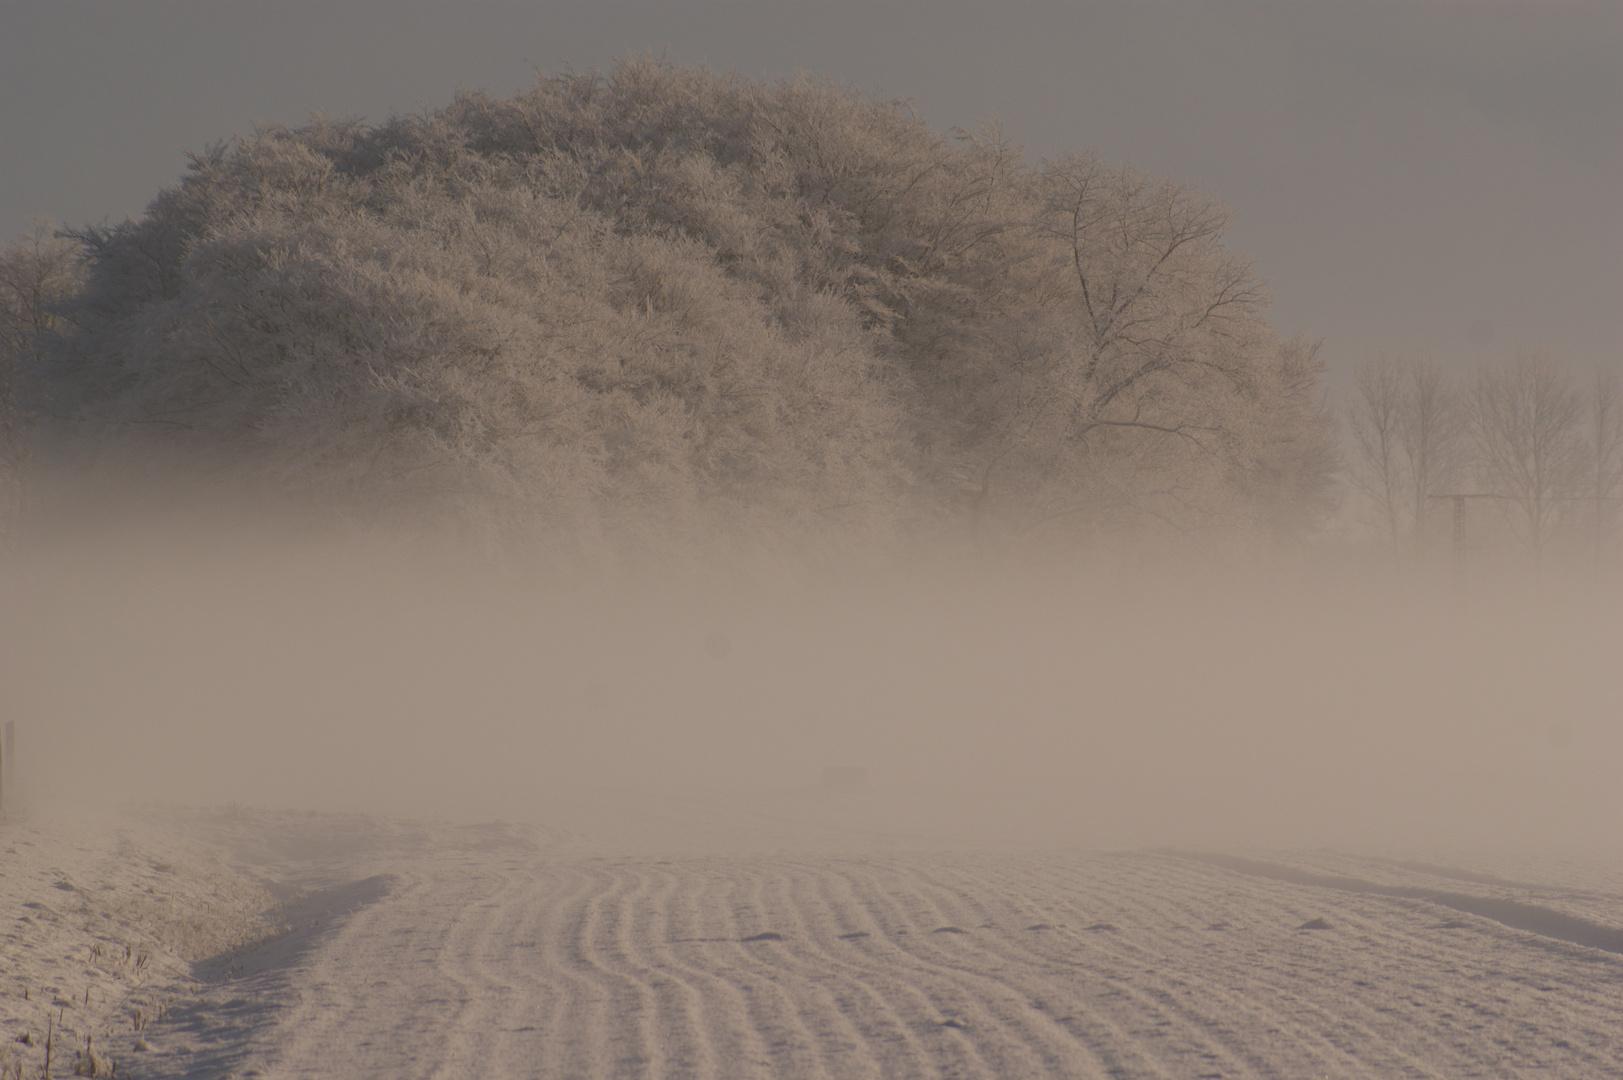 Schnebel-Schnee und Nebel